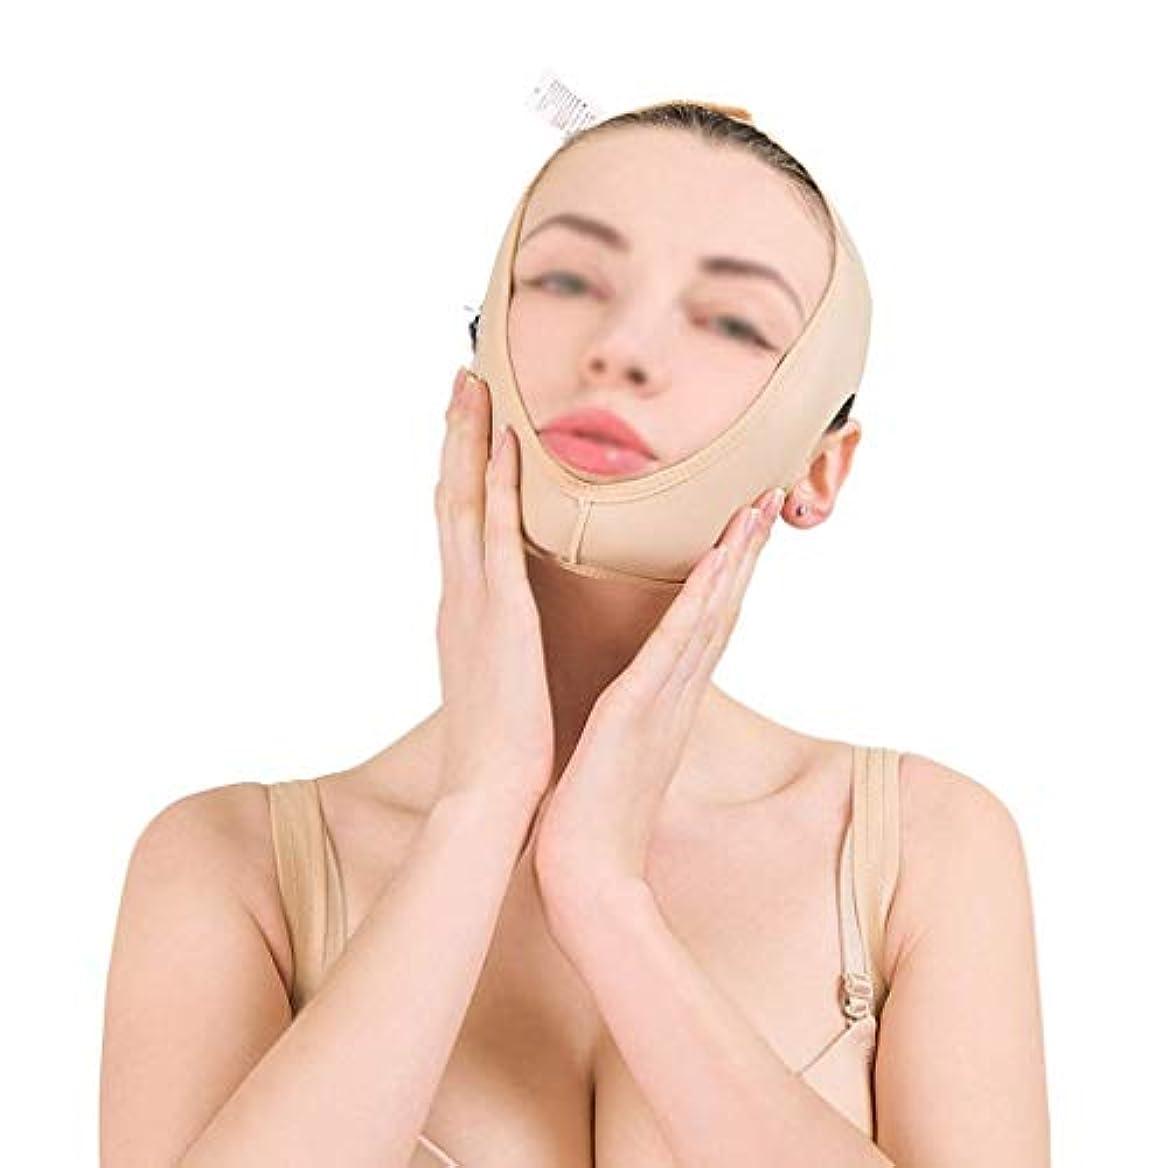 早める金額このマスク減量、肌の包帯を引き締めるリフティングフェイスバンド、フェイスリフティング、ダブルチンビューティバンデージ、フェイスリフト(サイズ:L),ザ?